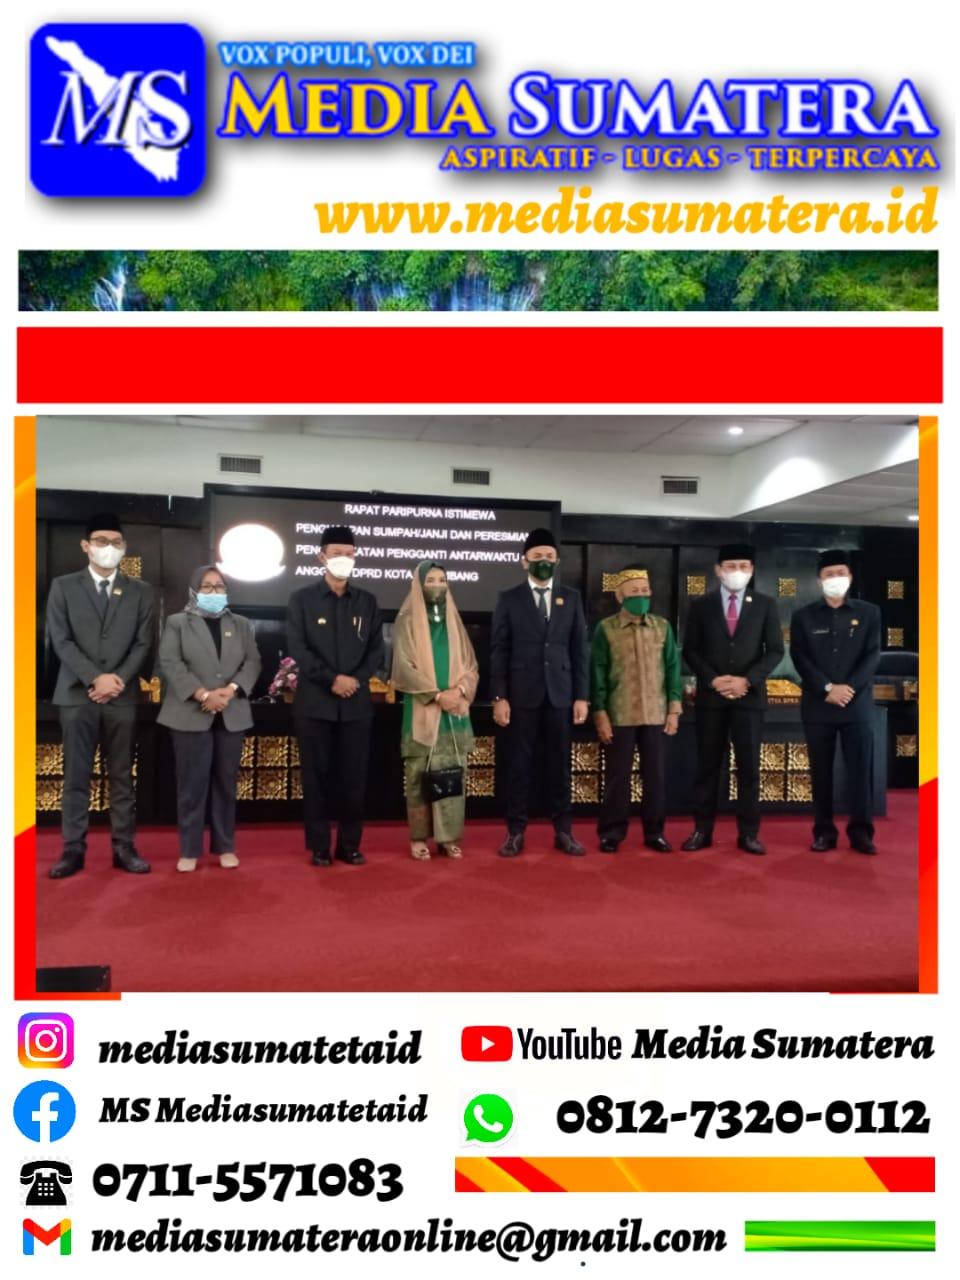 Ketua DPRD Kota Palembang Lantik Dan Pengambilan Sumpah Muhammad Arfani PAW H. Endar Himawan Sisa Masa Bakti 2019-2024